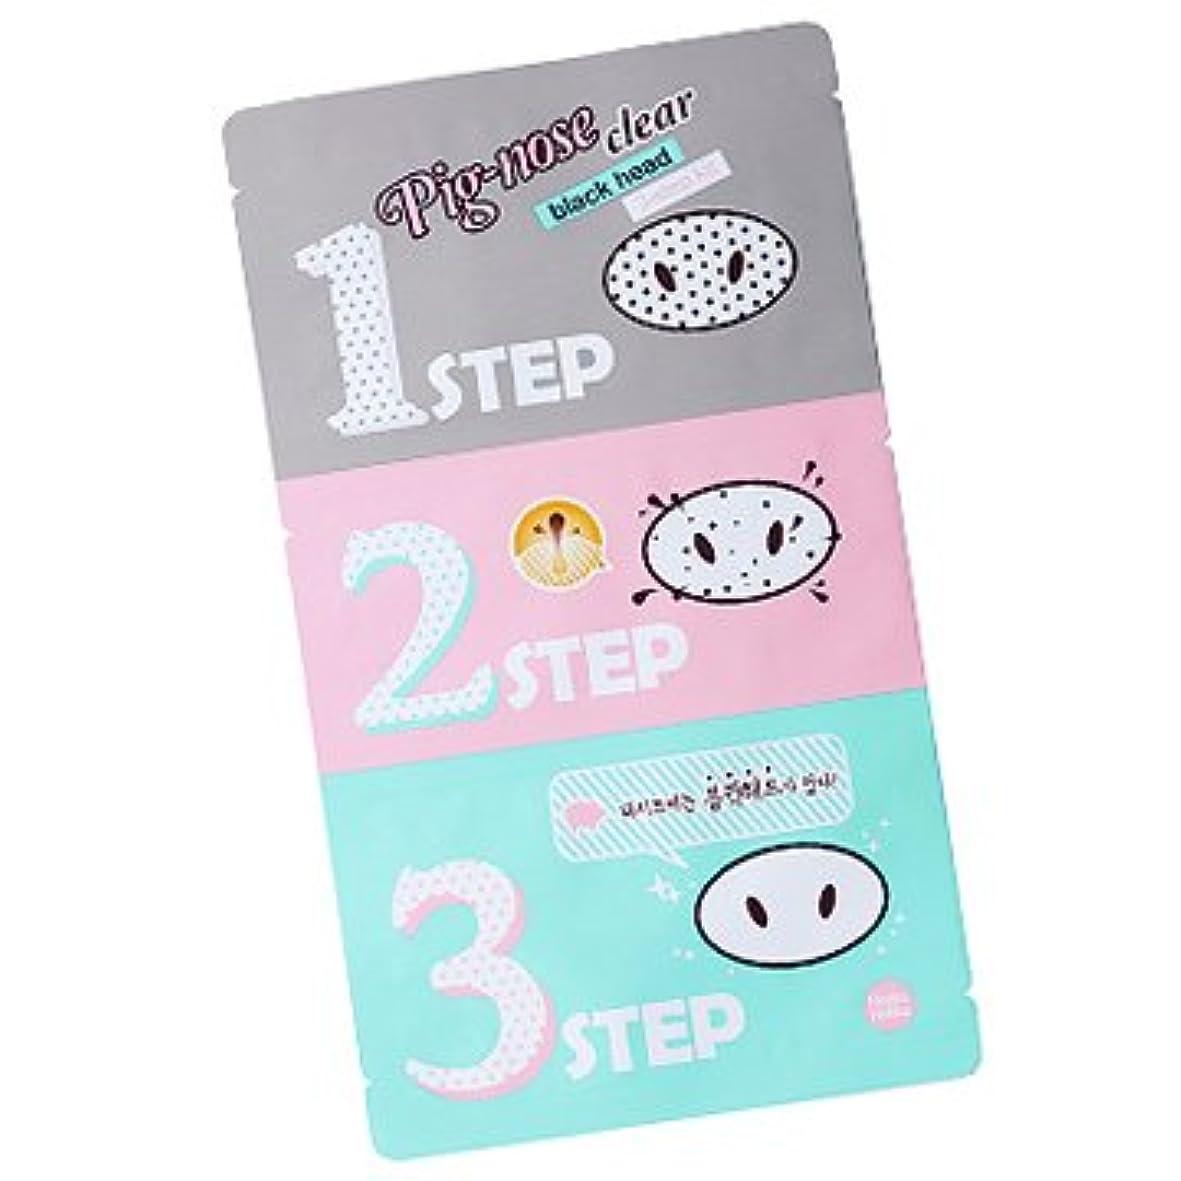 補体高度火炎Holika Holika Pig Nose Clear Black Head 3-Step Kit 10EA (Nose Pack) ホリカホリカ ピグノーズクリアブラックヘッド3-Stepキット(鼻パック) 10pcs [並行輸入品]